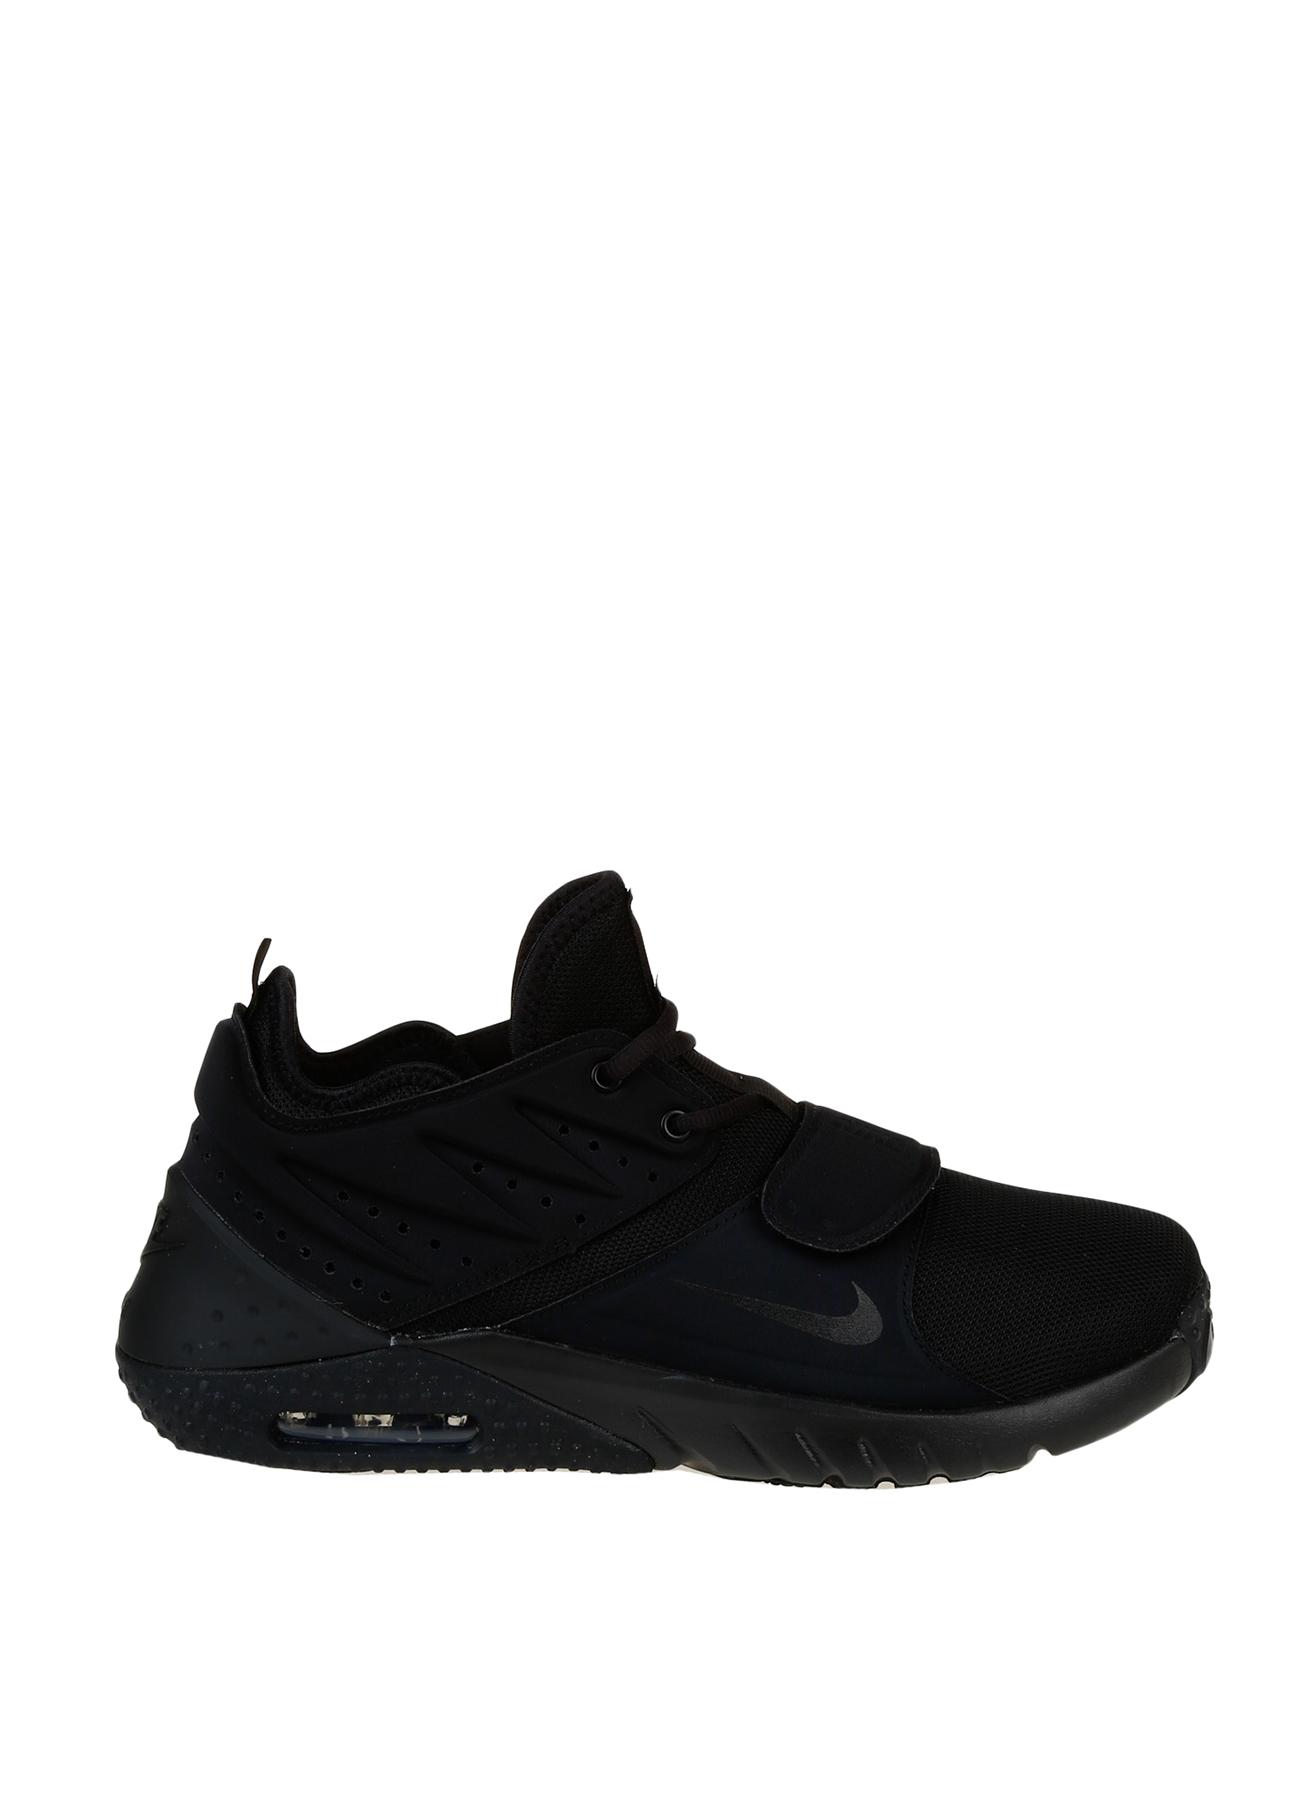 Nike Air Max Trainer 1 Erkek Antrenman Training Ayakkabısı 44.5 5001635087007 Ürün Resmi